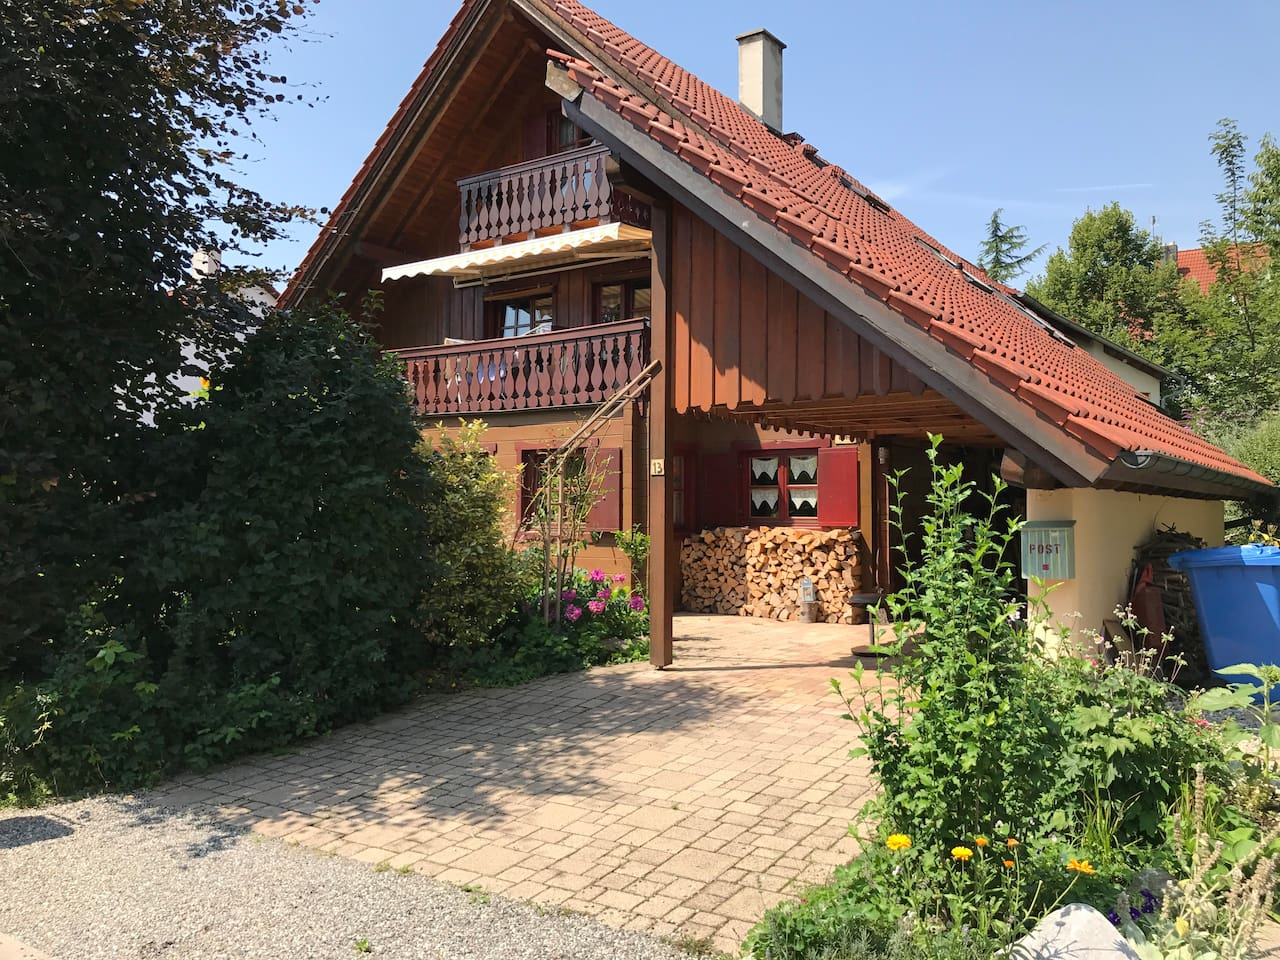 Gemütliches Holzhaus - Vorderansicht